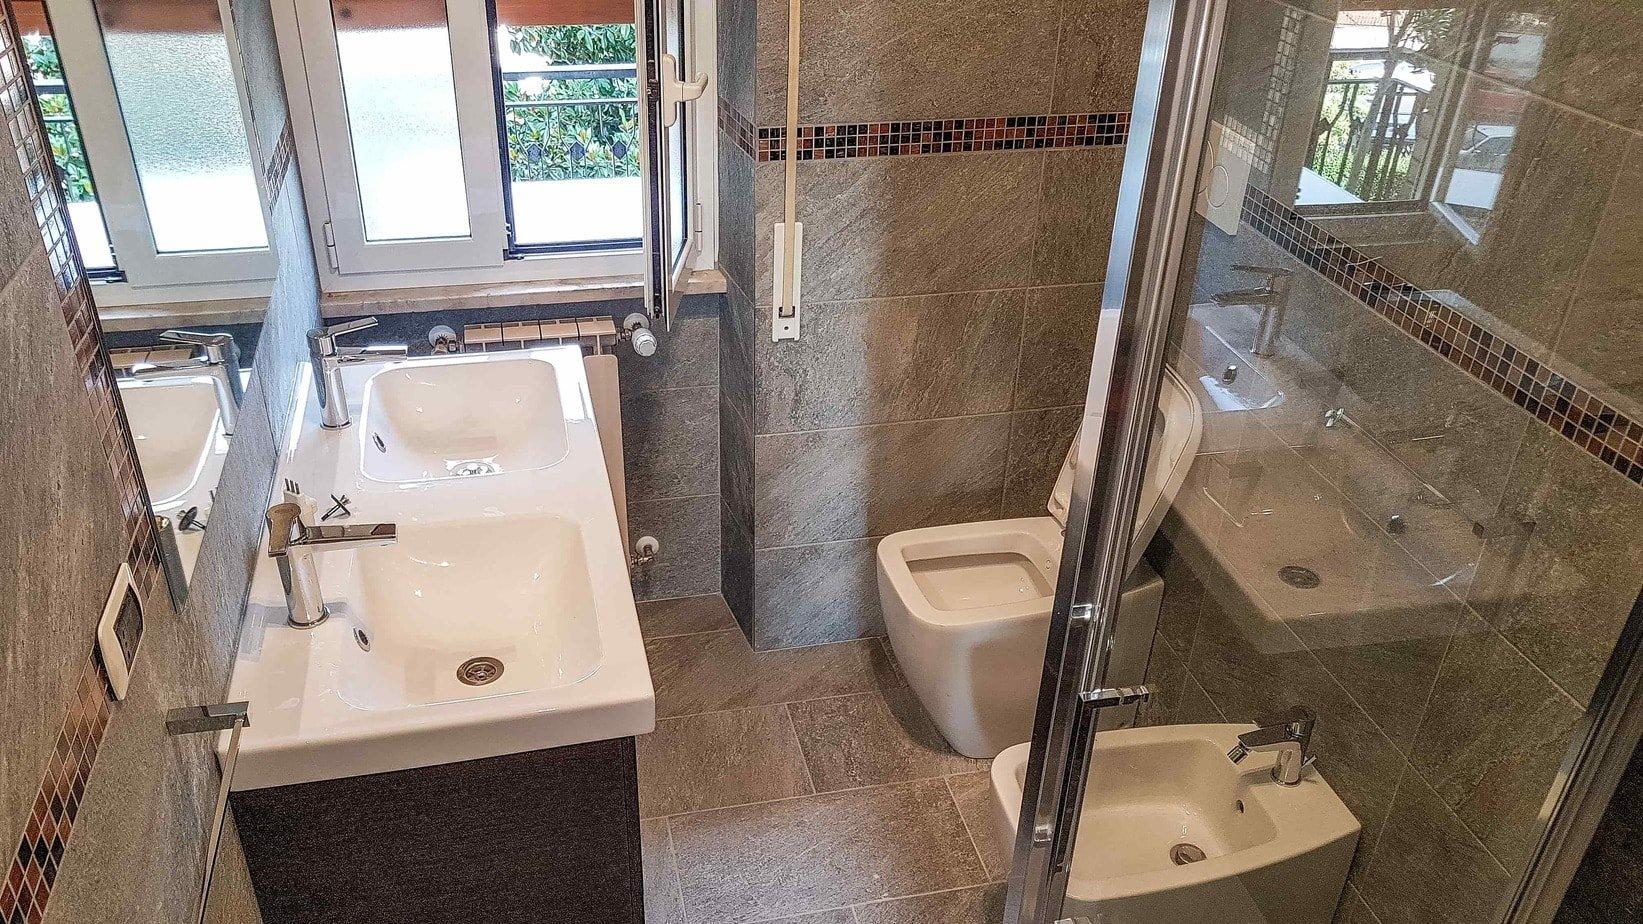 Ristrutturazioni roma ristrutturazione casa appartamenti roma lazio e ditta edile roma lazio - Termoarredo per bagno 6 mq ...